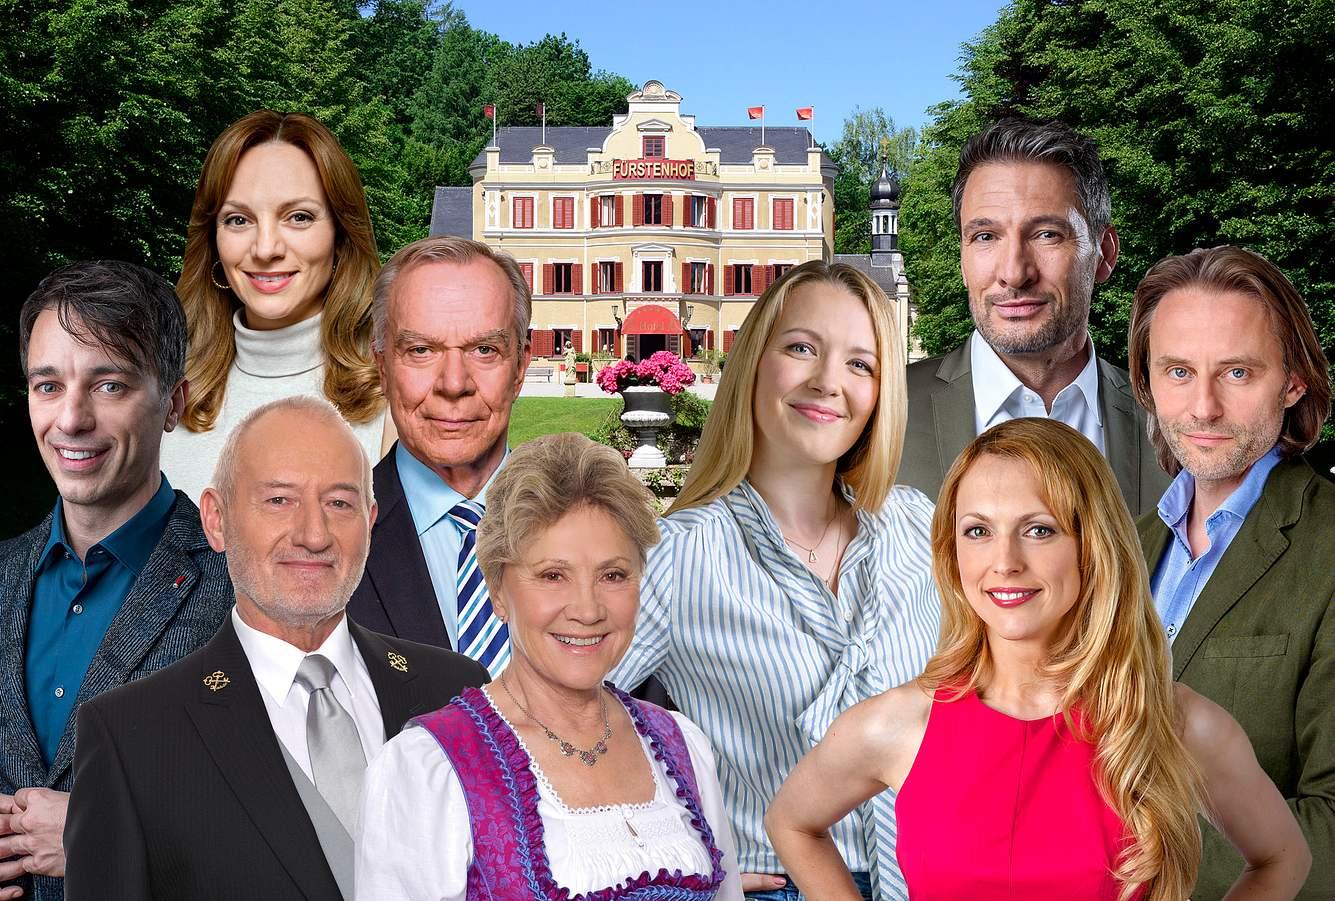 Der Fürstenhof von 'Sturm der Liebe' mit Hauptdarsteller*innen der Serie.